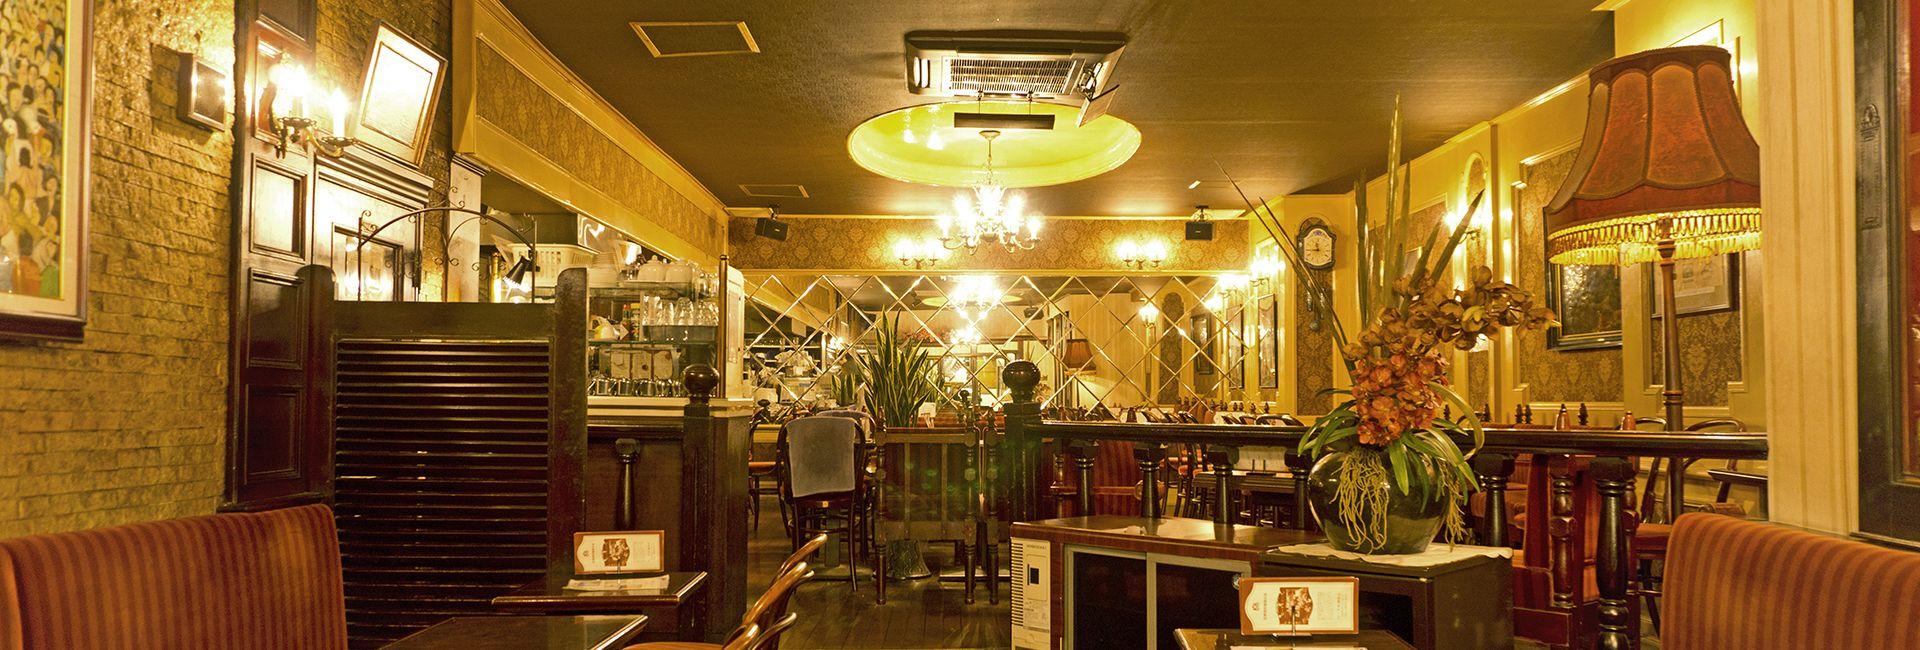 Top 8 nhà hàng ở Tokyo mở cửa 24/7 an toàn và tốt nhất